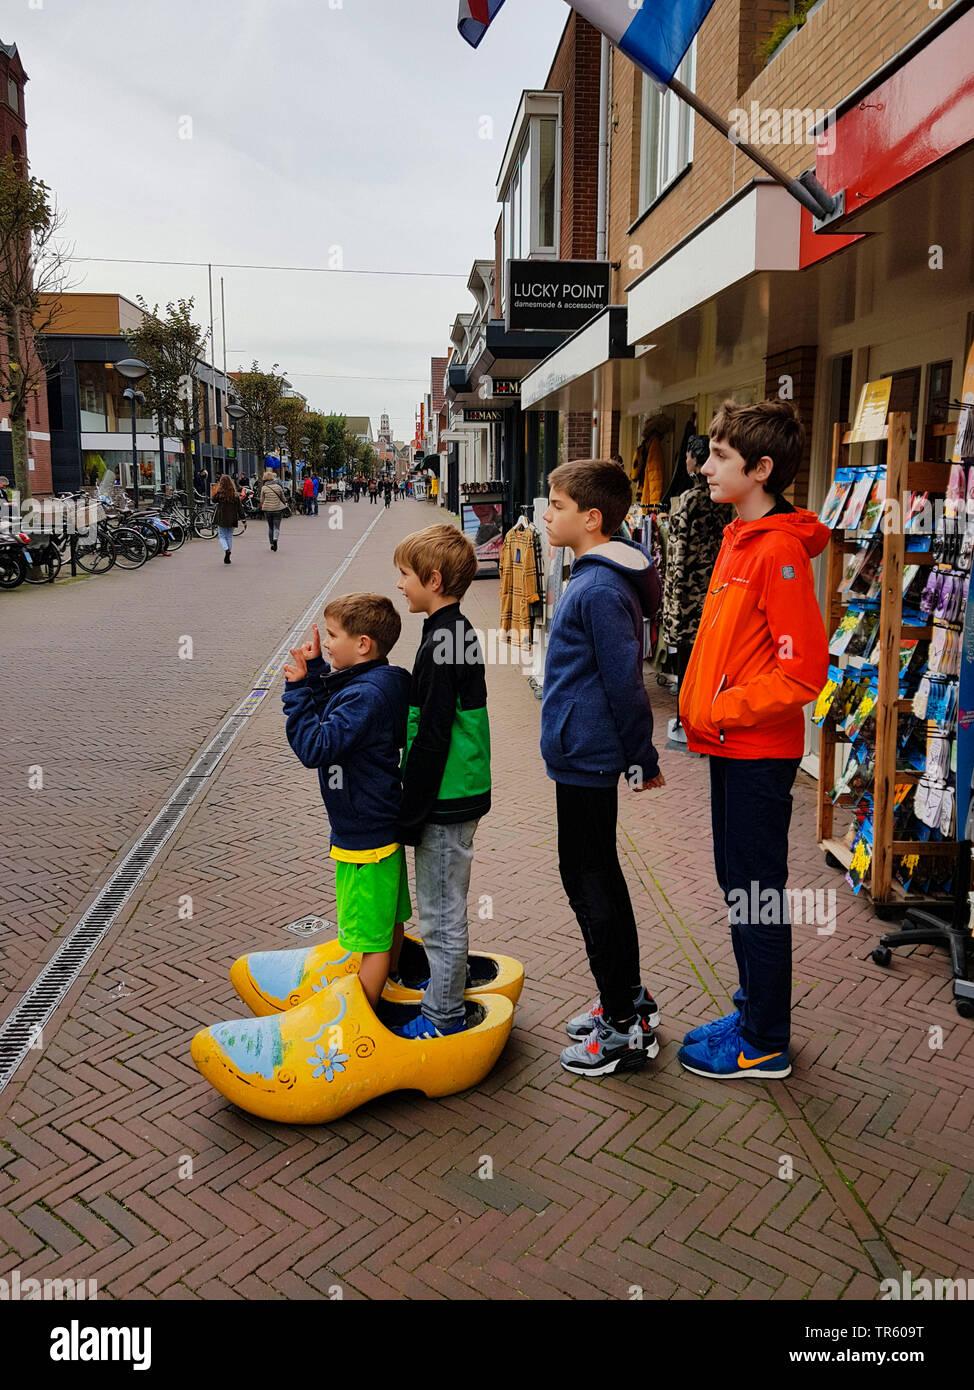 Quattro fratelli che posano per una foto souvenir in zoccoli, Paesi Bassi, Noordwijk aan Zee Immagini Stock